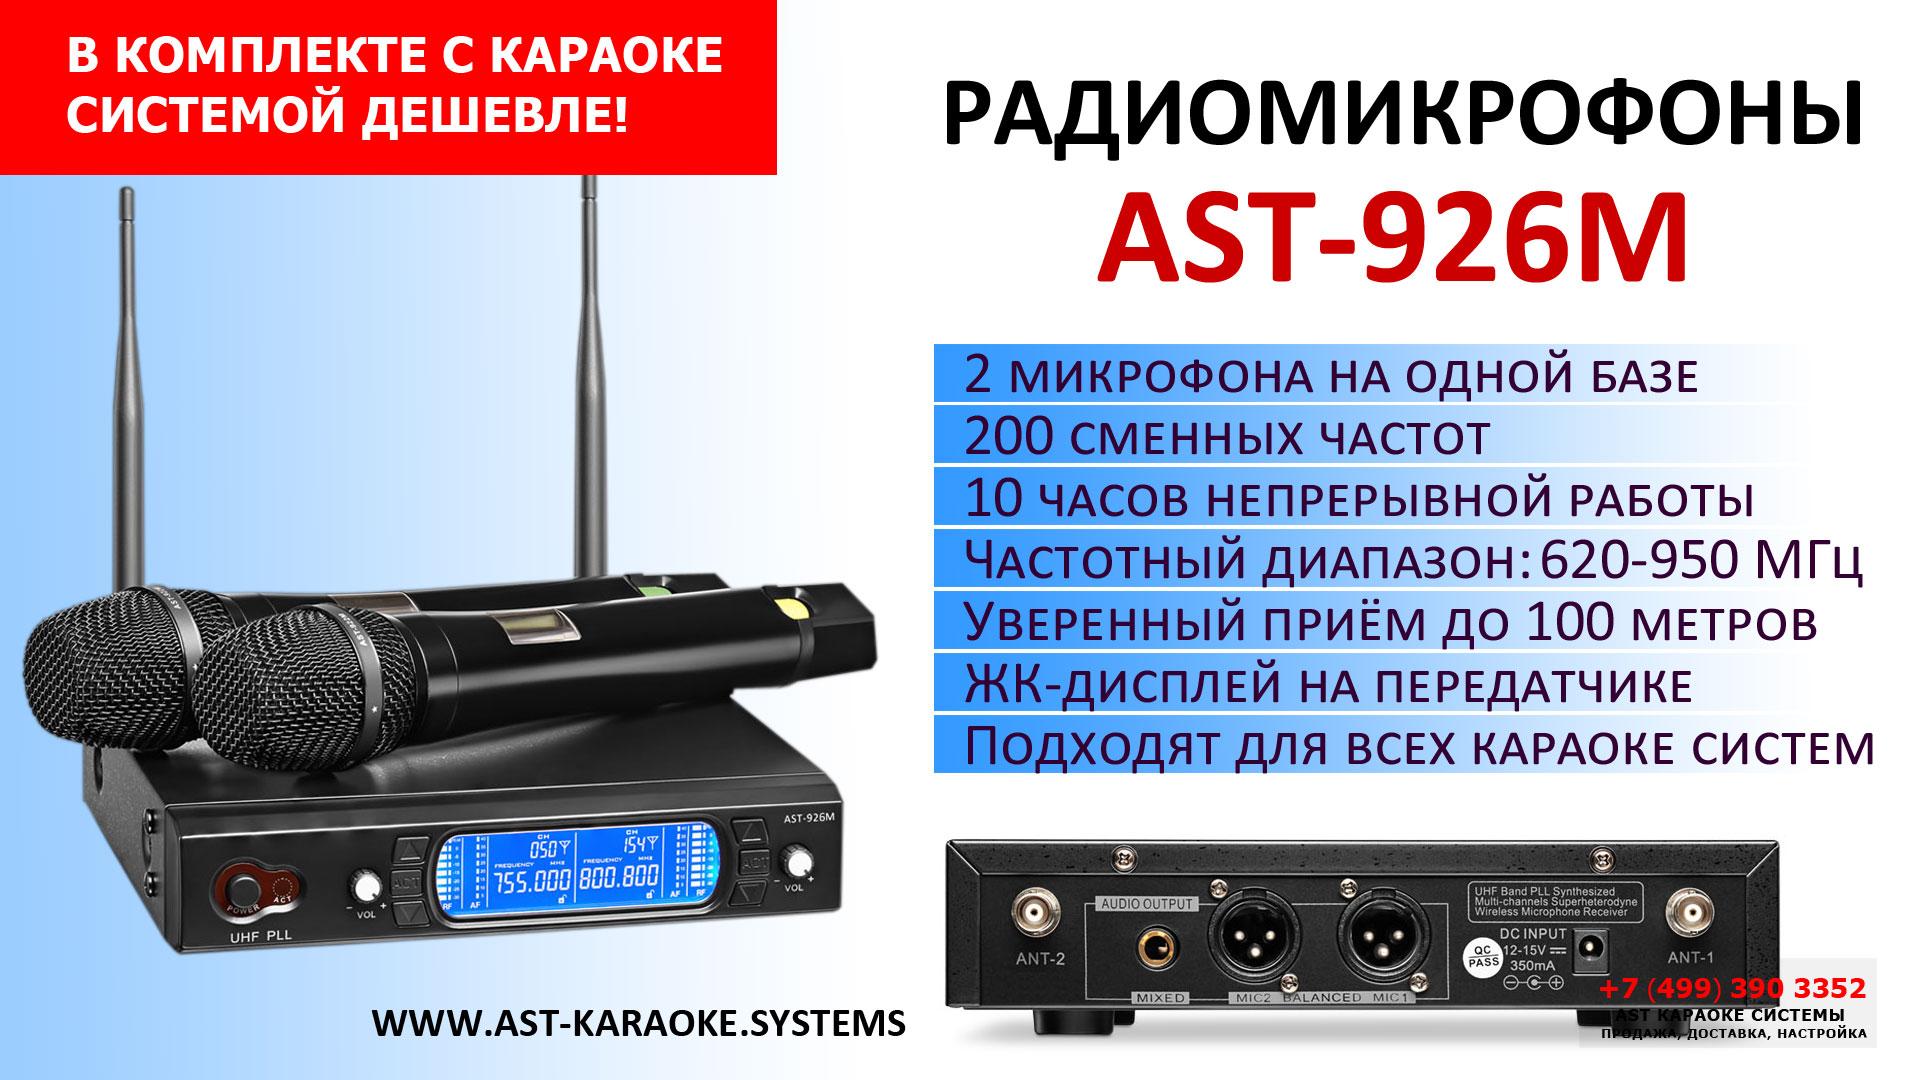 БЕСПРОВОДНЫЕ РАДИОМИКРОФОНЫ AST-922M ДЛЯ КАРАОКЕ.